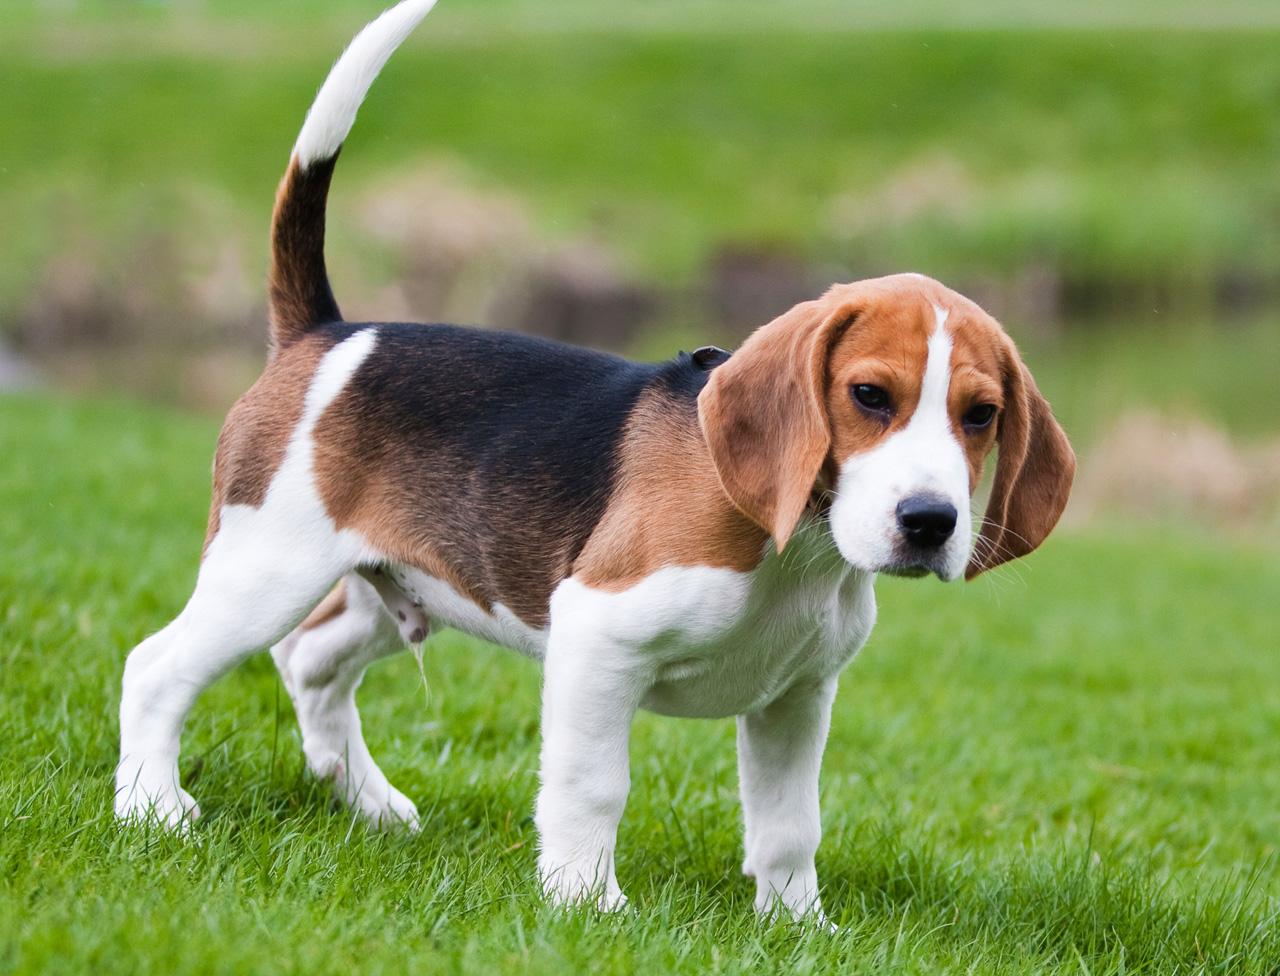 Chien Français Tricolore Puppies: Chien Le Beagle Breed